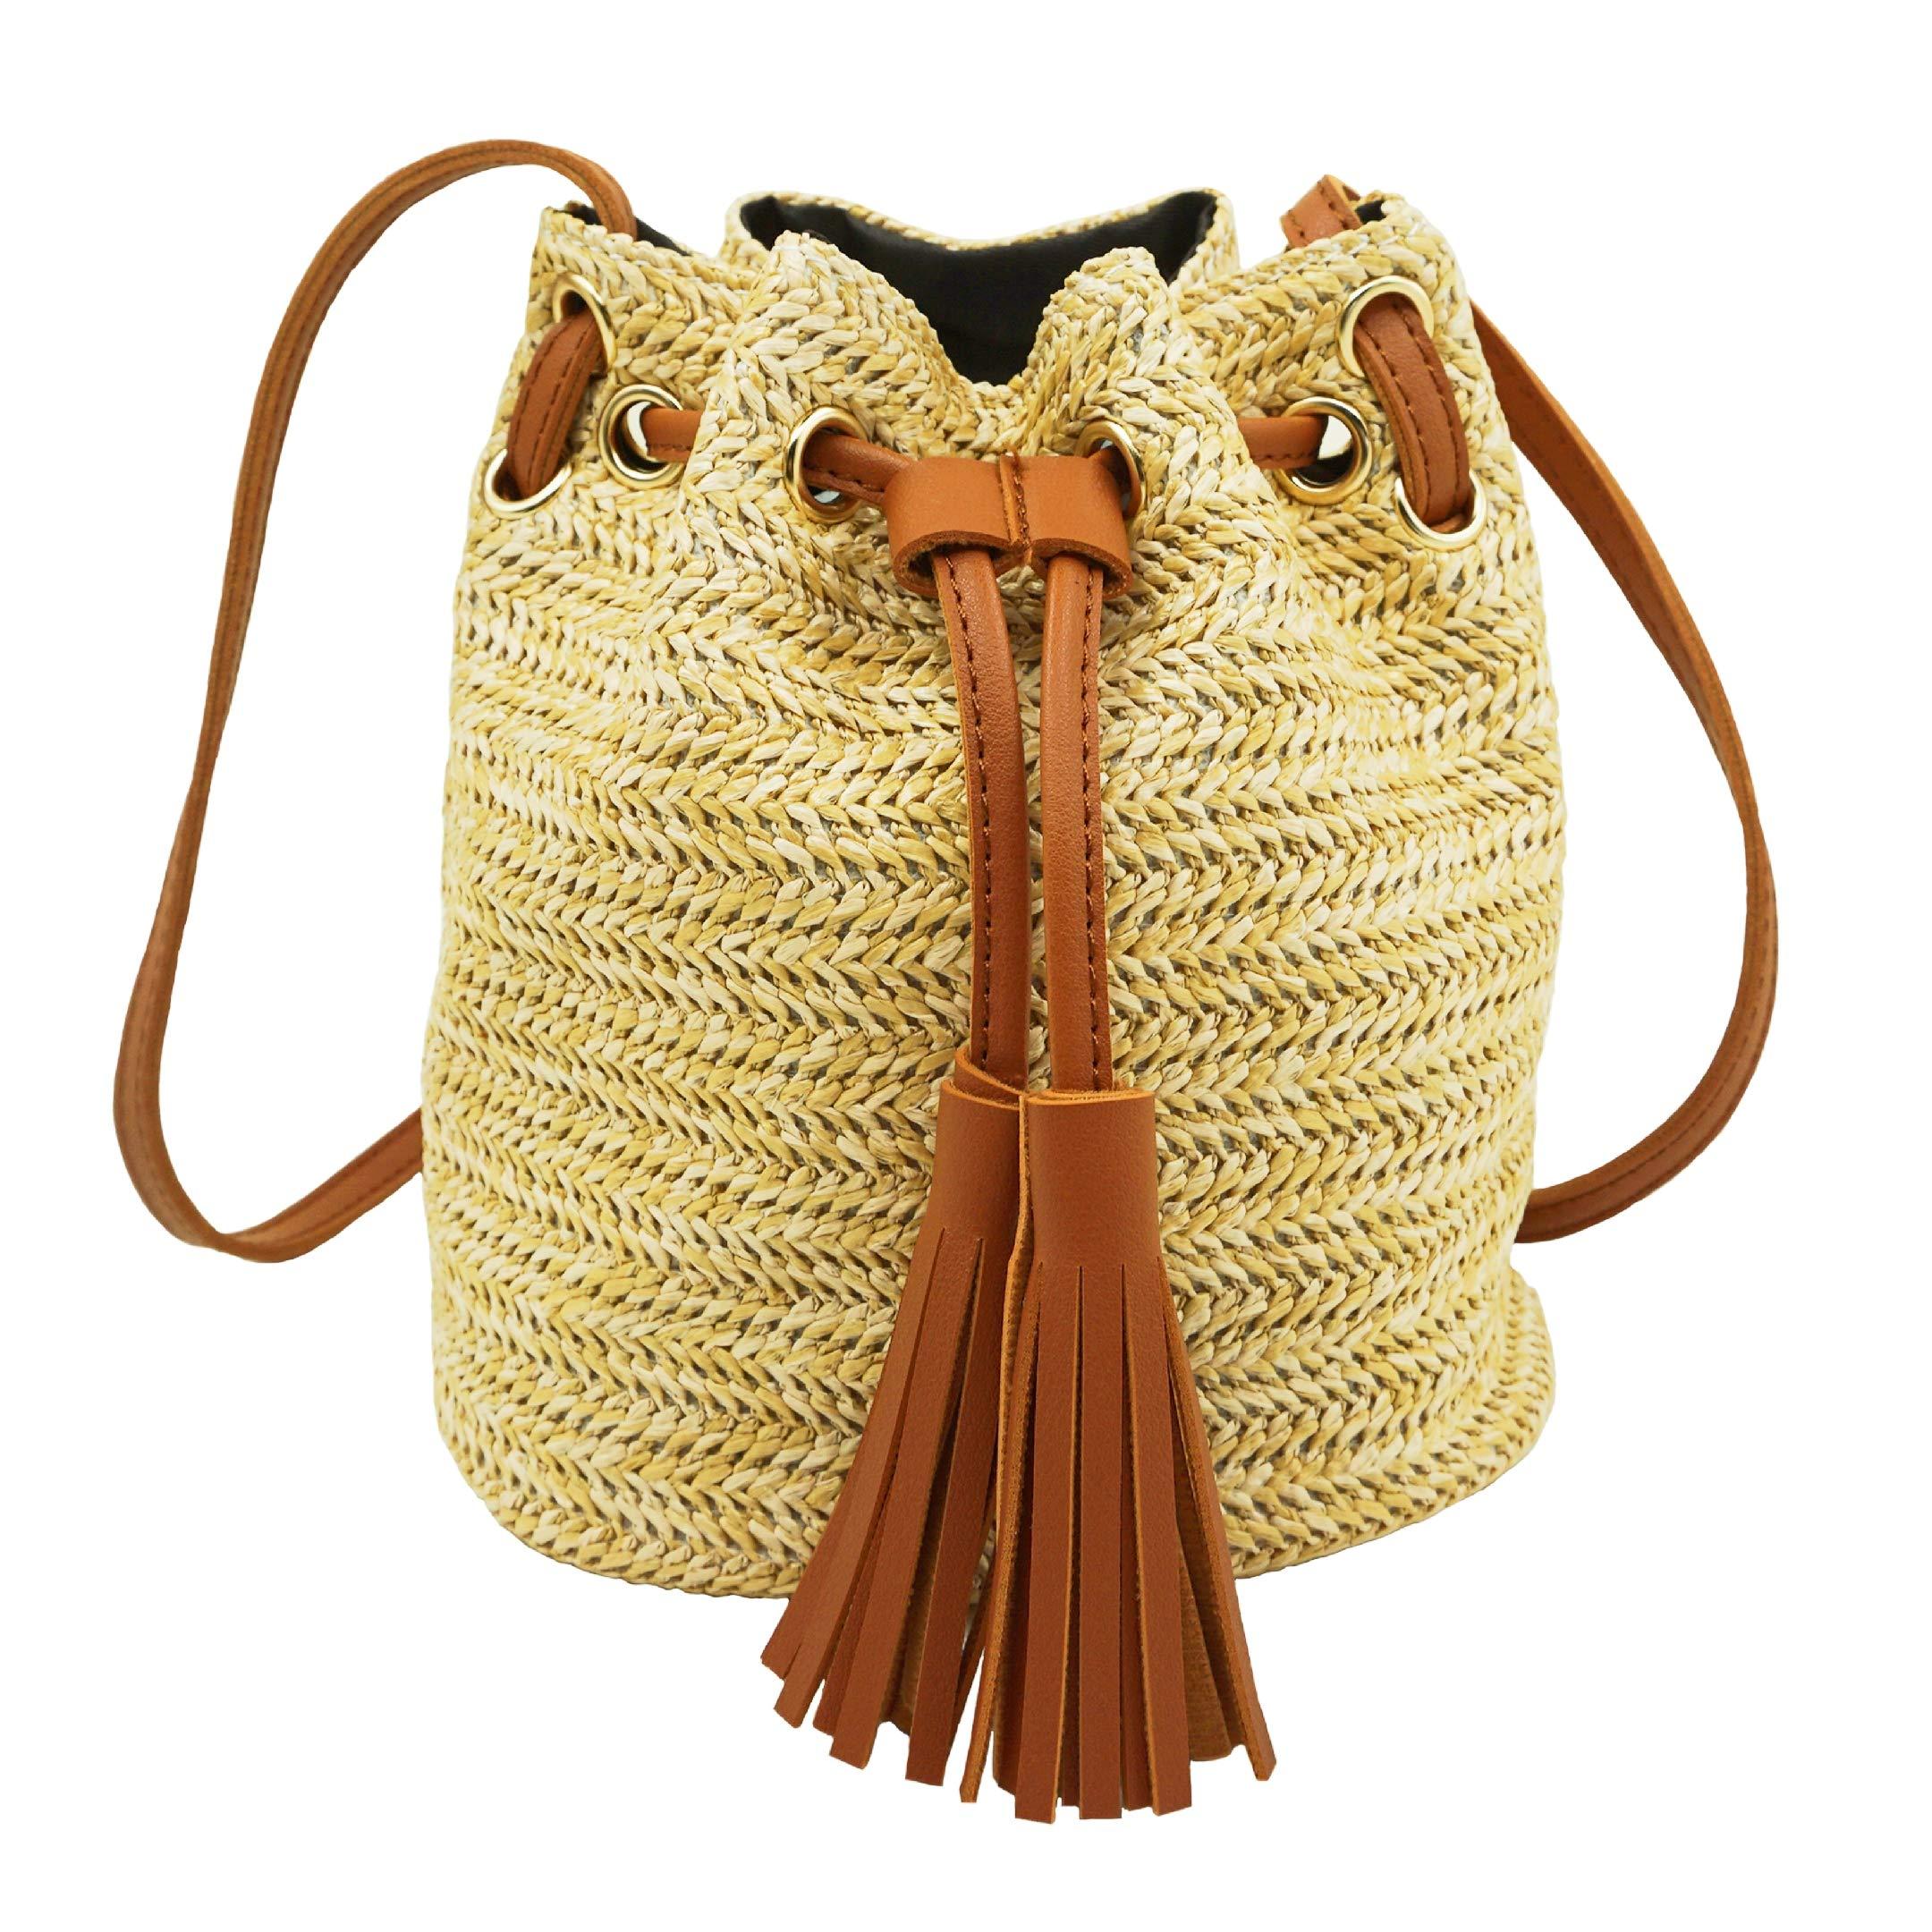 Straw Crossbody Bag, BCTEX Woven Bags Summer Crossbody Purses for Women Woven Beach Bag Straw Bags for Summer